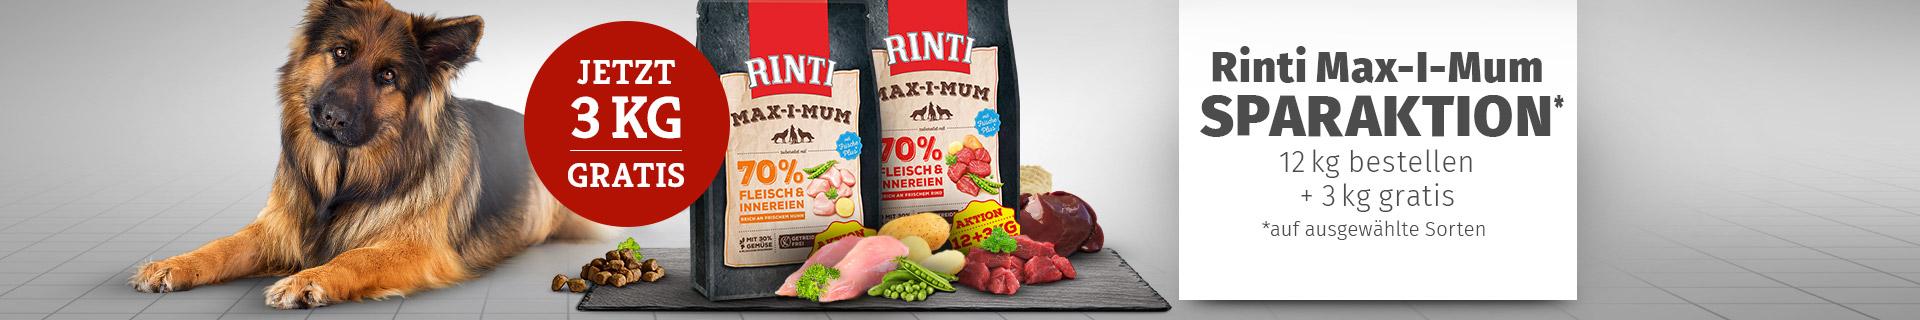 Rinti Max-I-Mum Sparaktion 12kg bestellen + 3 kg gratis